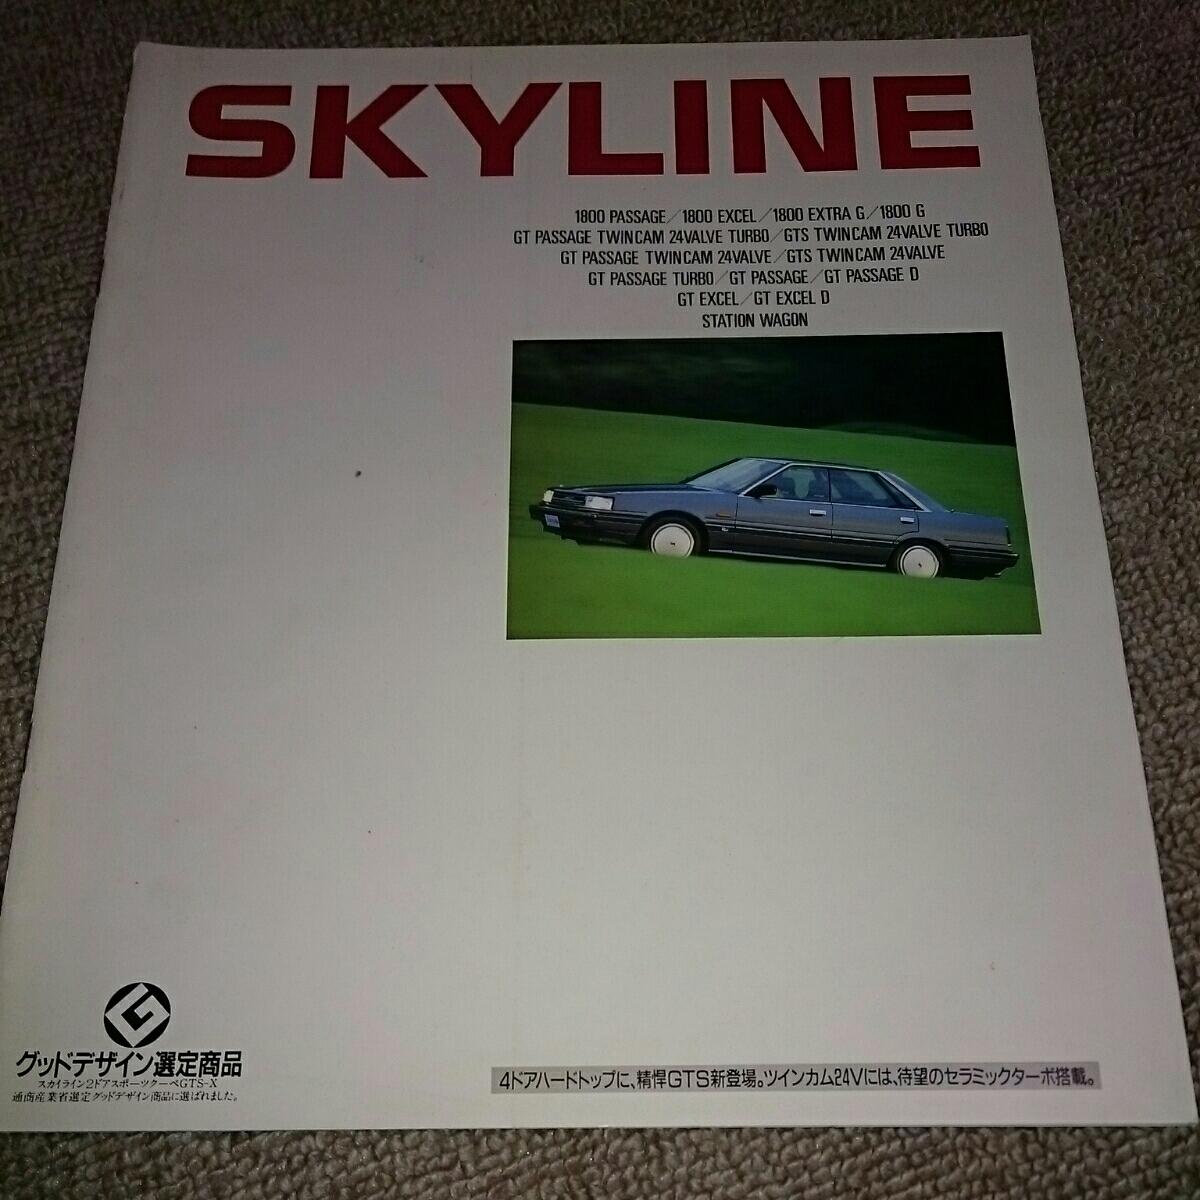 希少、R31、日産スカイライン、35ページ、本カタログ、ハイキャス、RB20DET、GTツインカム24Vセラミックターボ他。